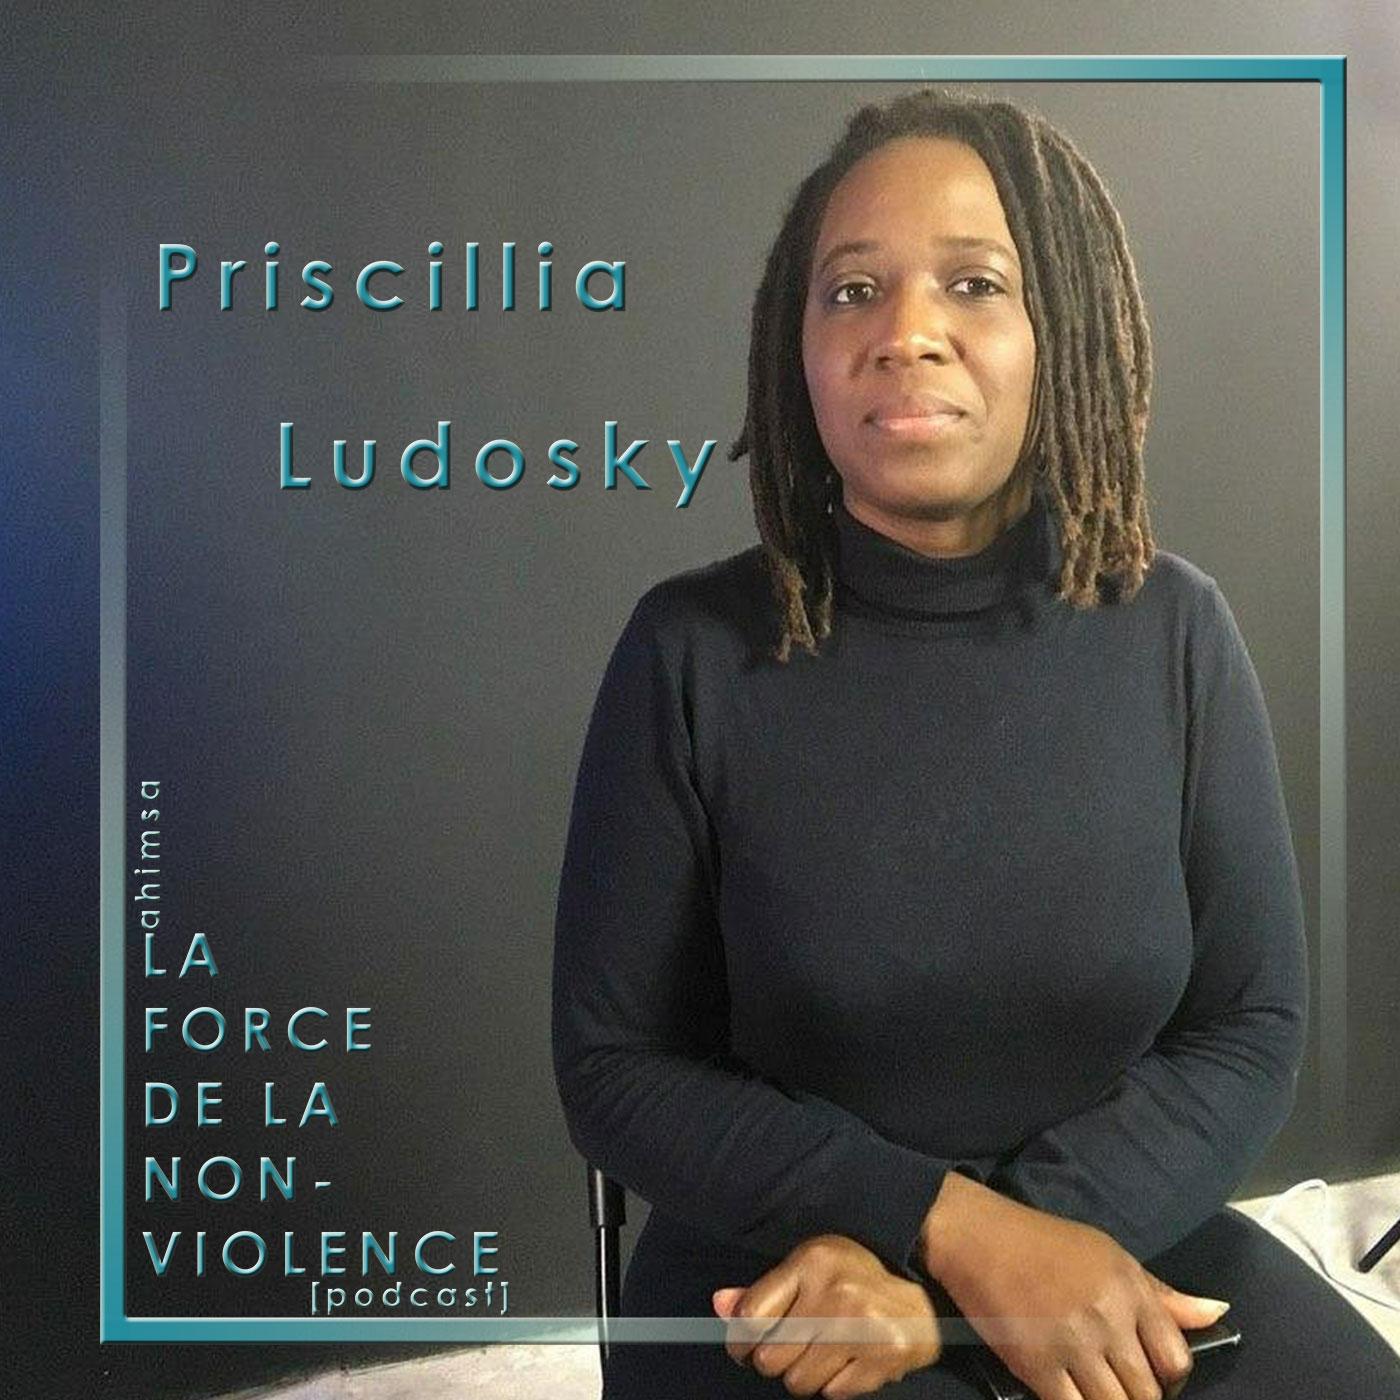 Priscillia Ludosky - podcast - La Force de la Non-violence